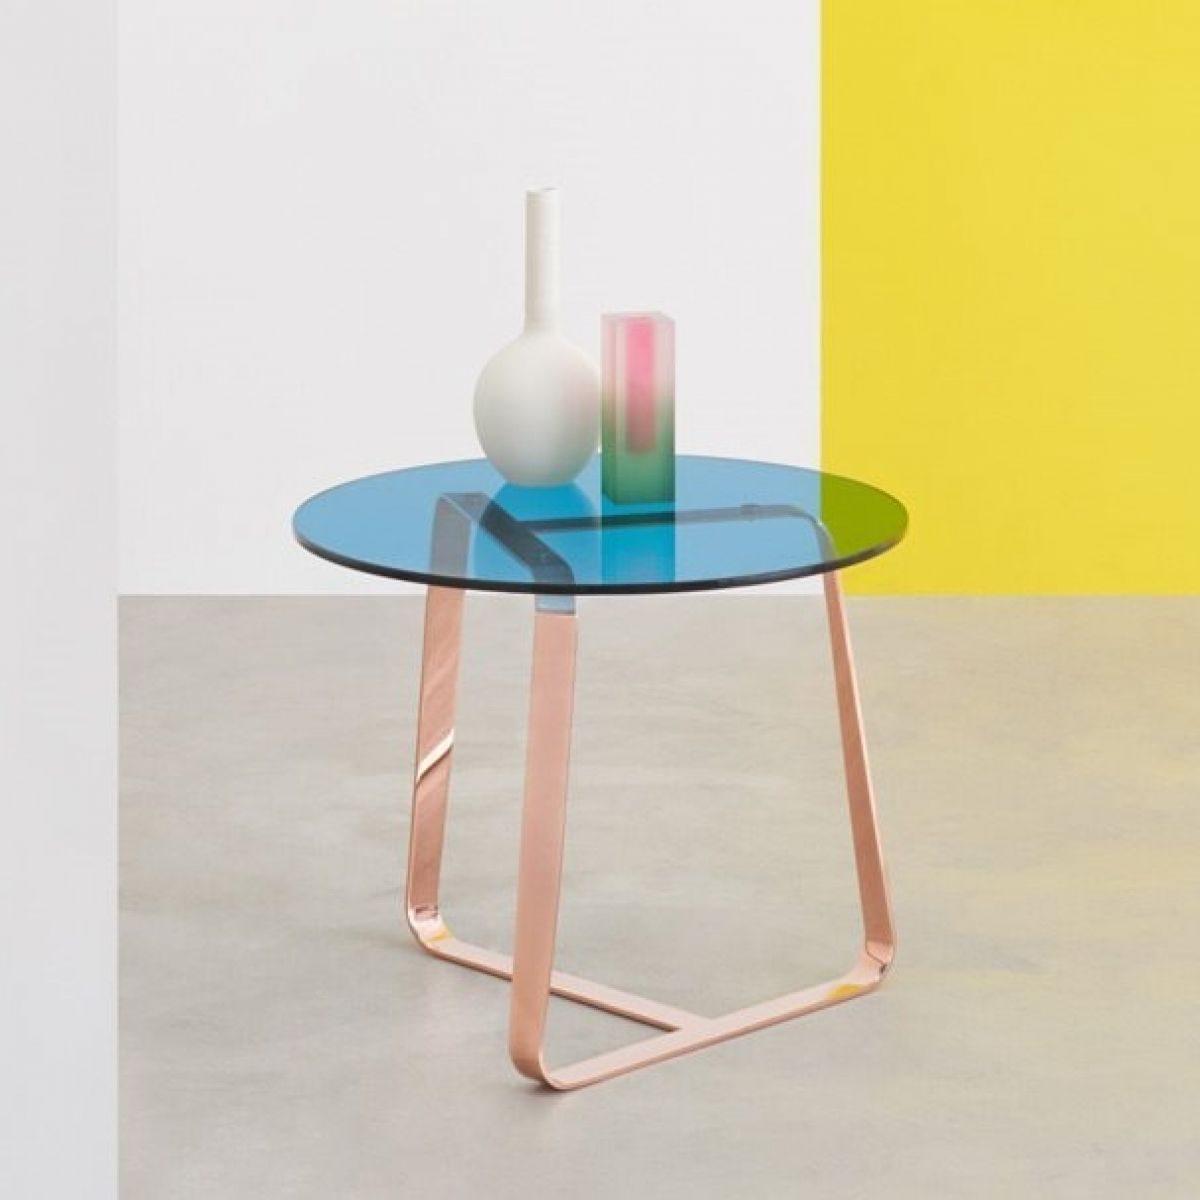 Table basse design Twister 721 d'Arik Levy pour Desalto – Design Ikonik